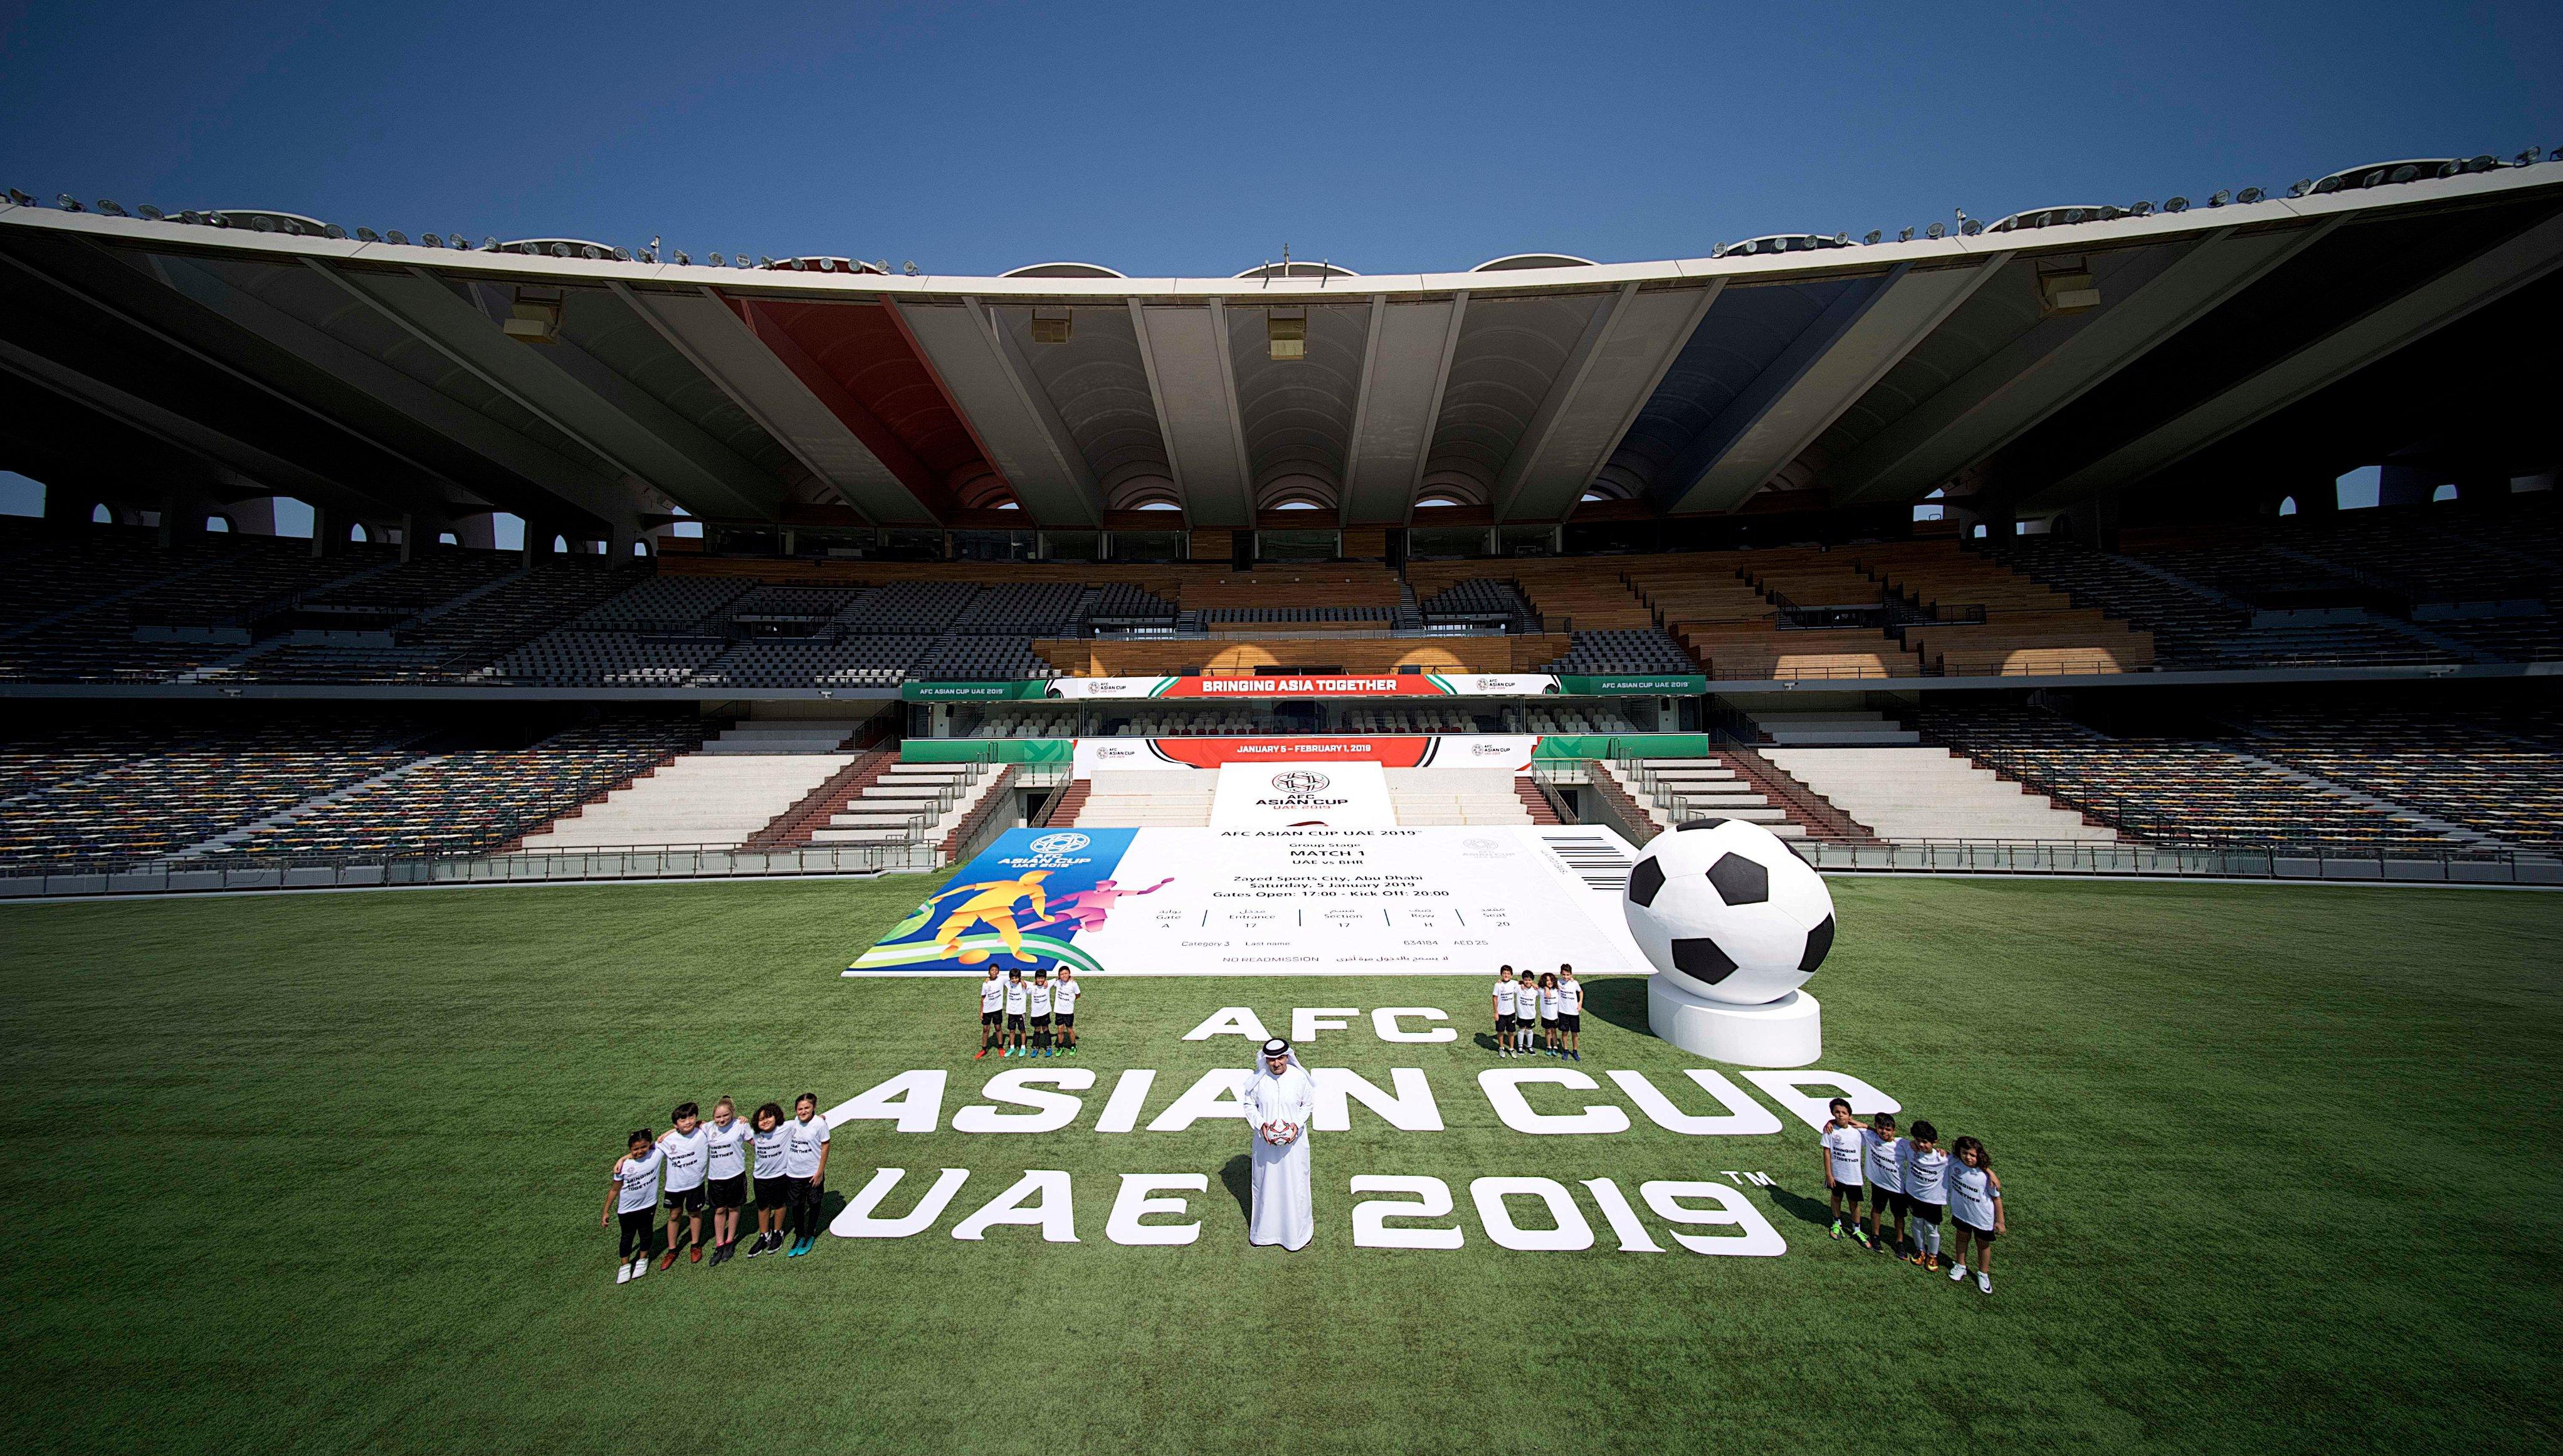 كأس أسيا 2018: جوائز مالية ضخمة